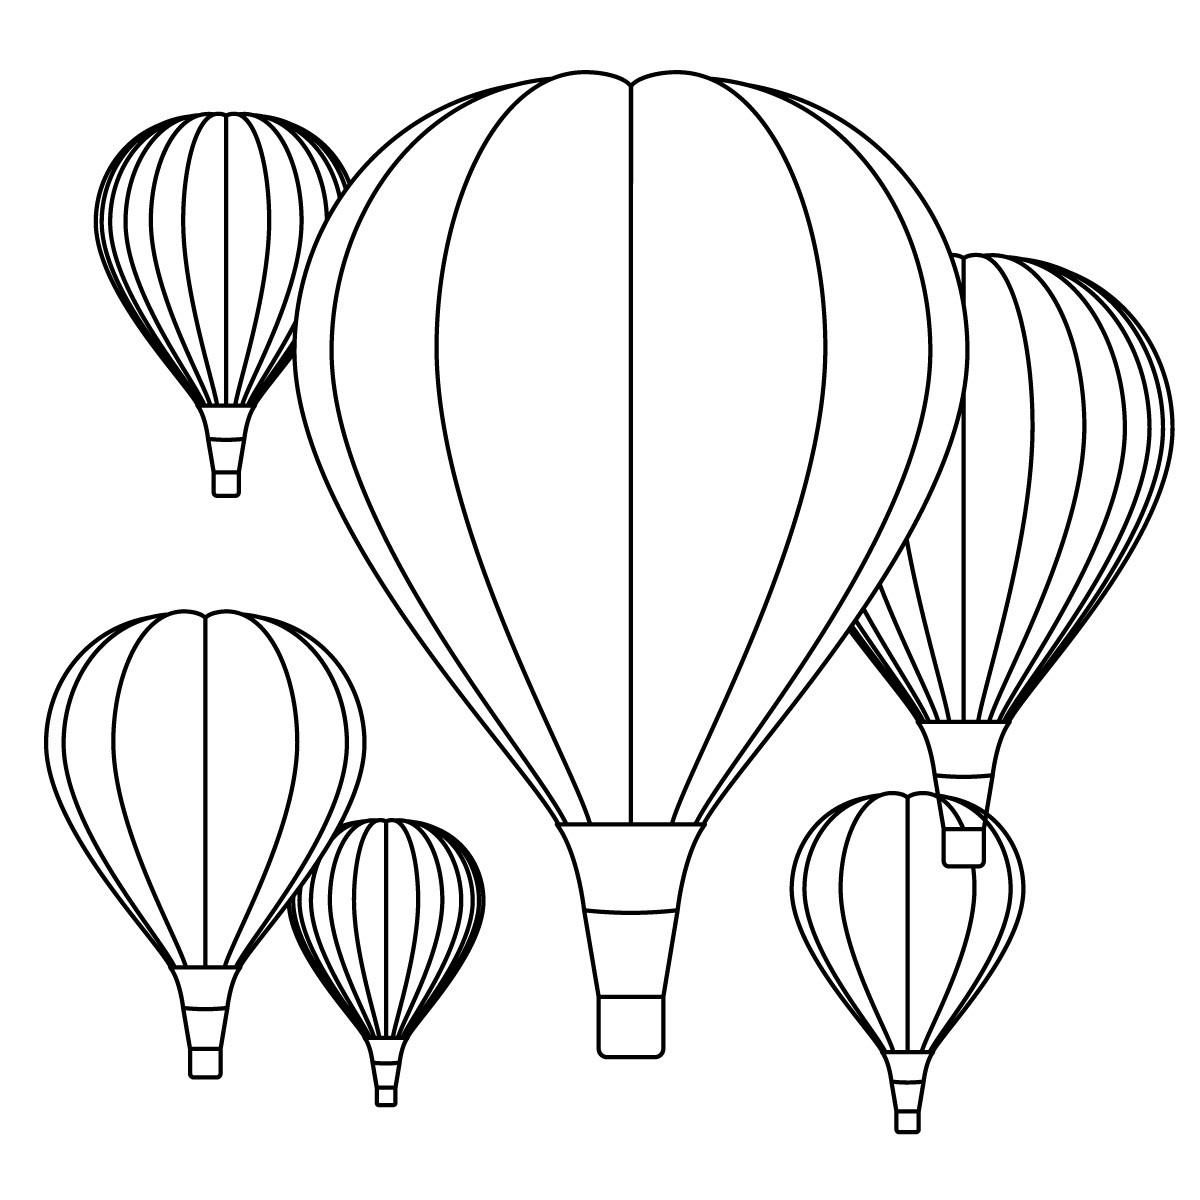 1200x1200 Hot Air Balloon Clipart Simple